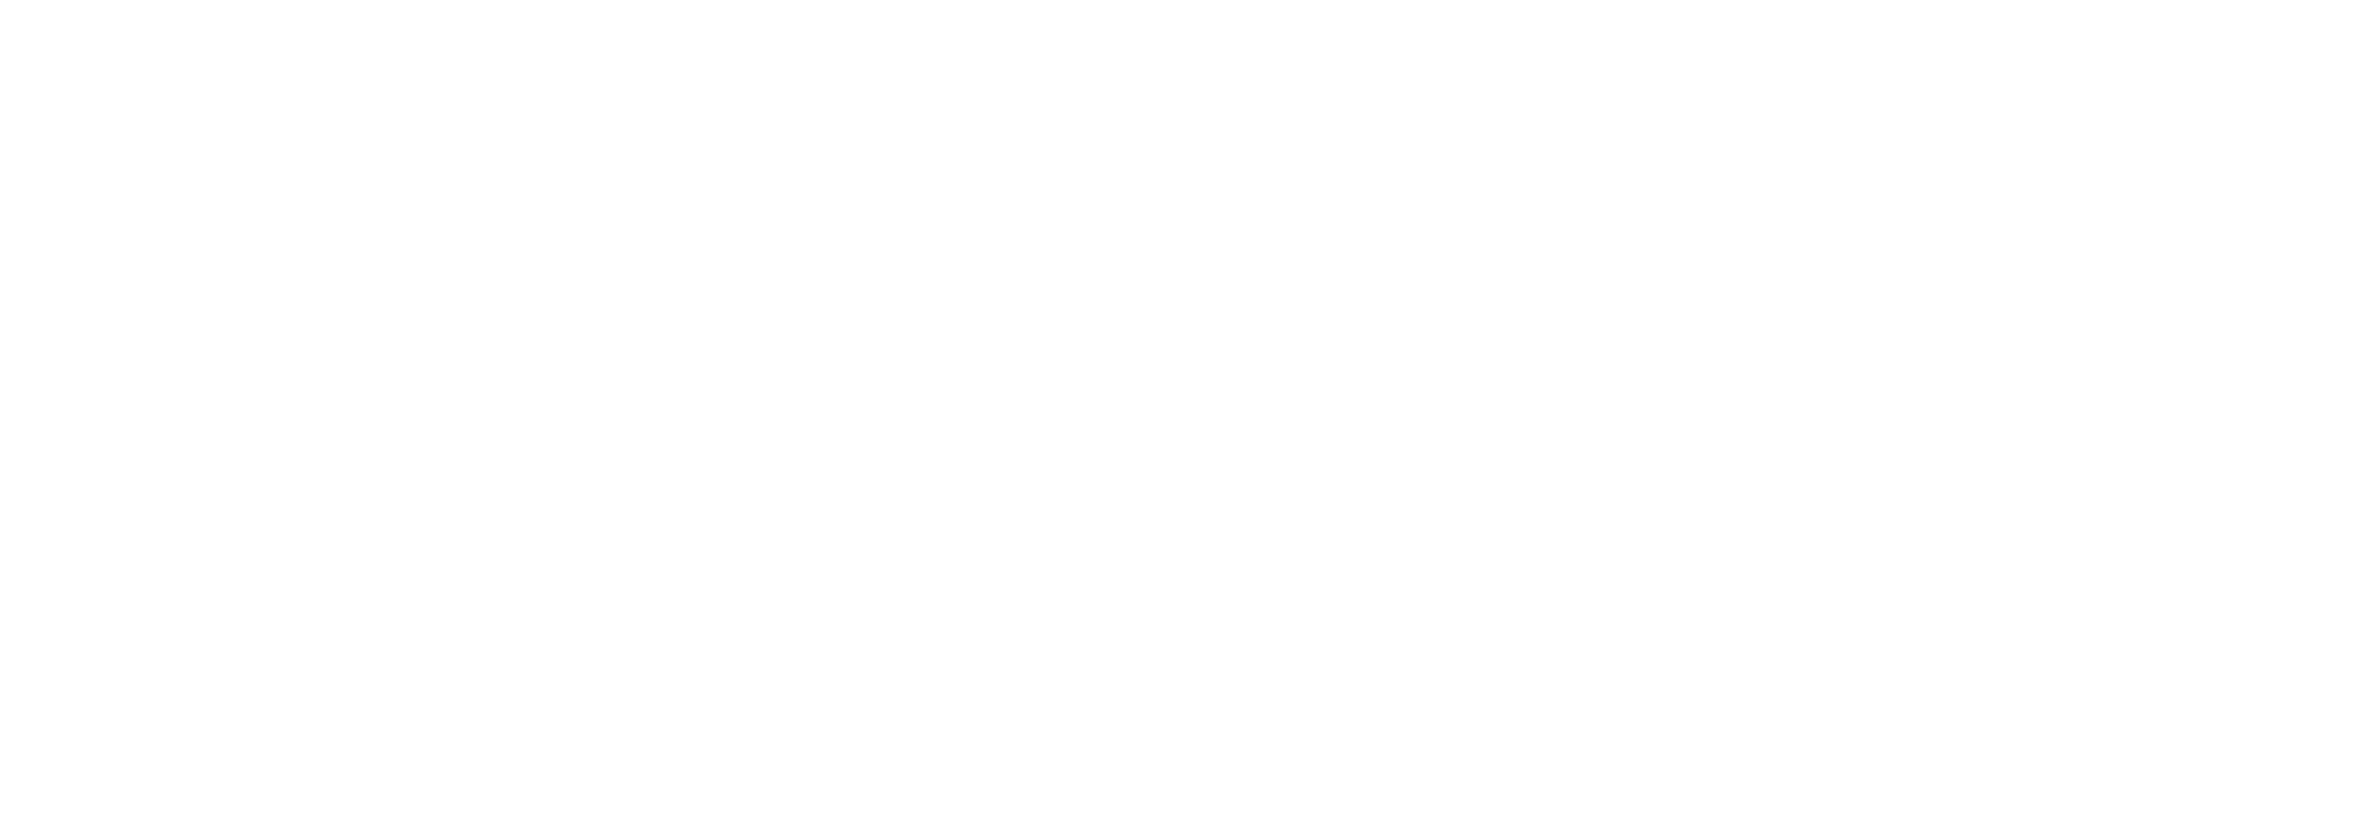 Randall and Aubin Soho